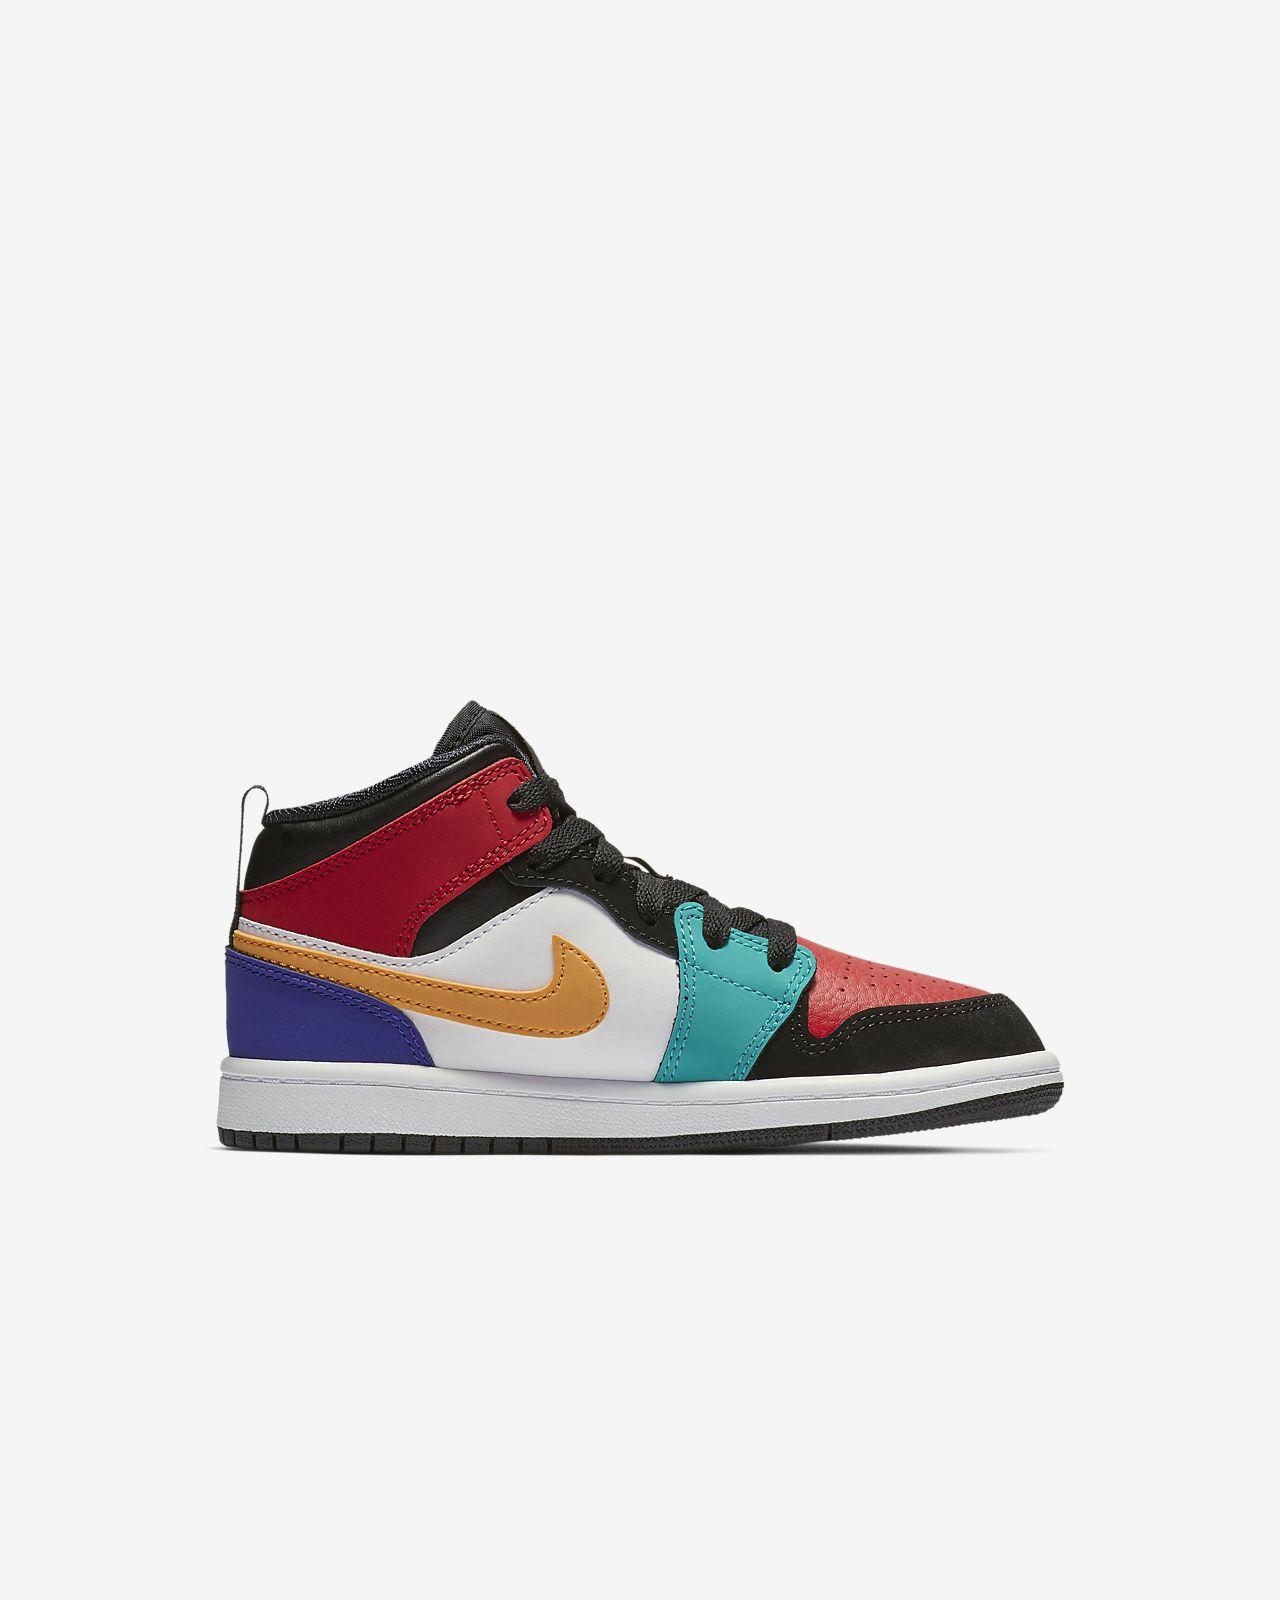 9bc6e43cb286 Air Jordan 1 Mid Little Kids  Shoe. Nike.com